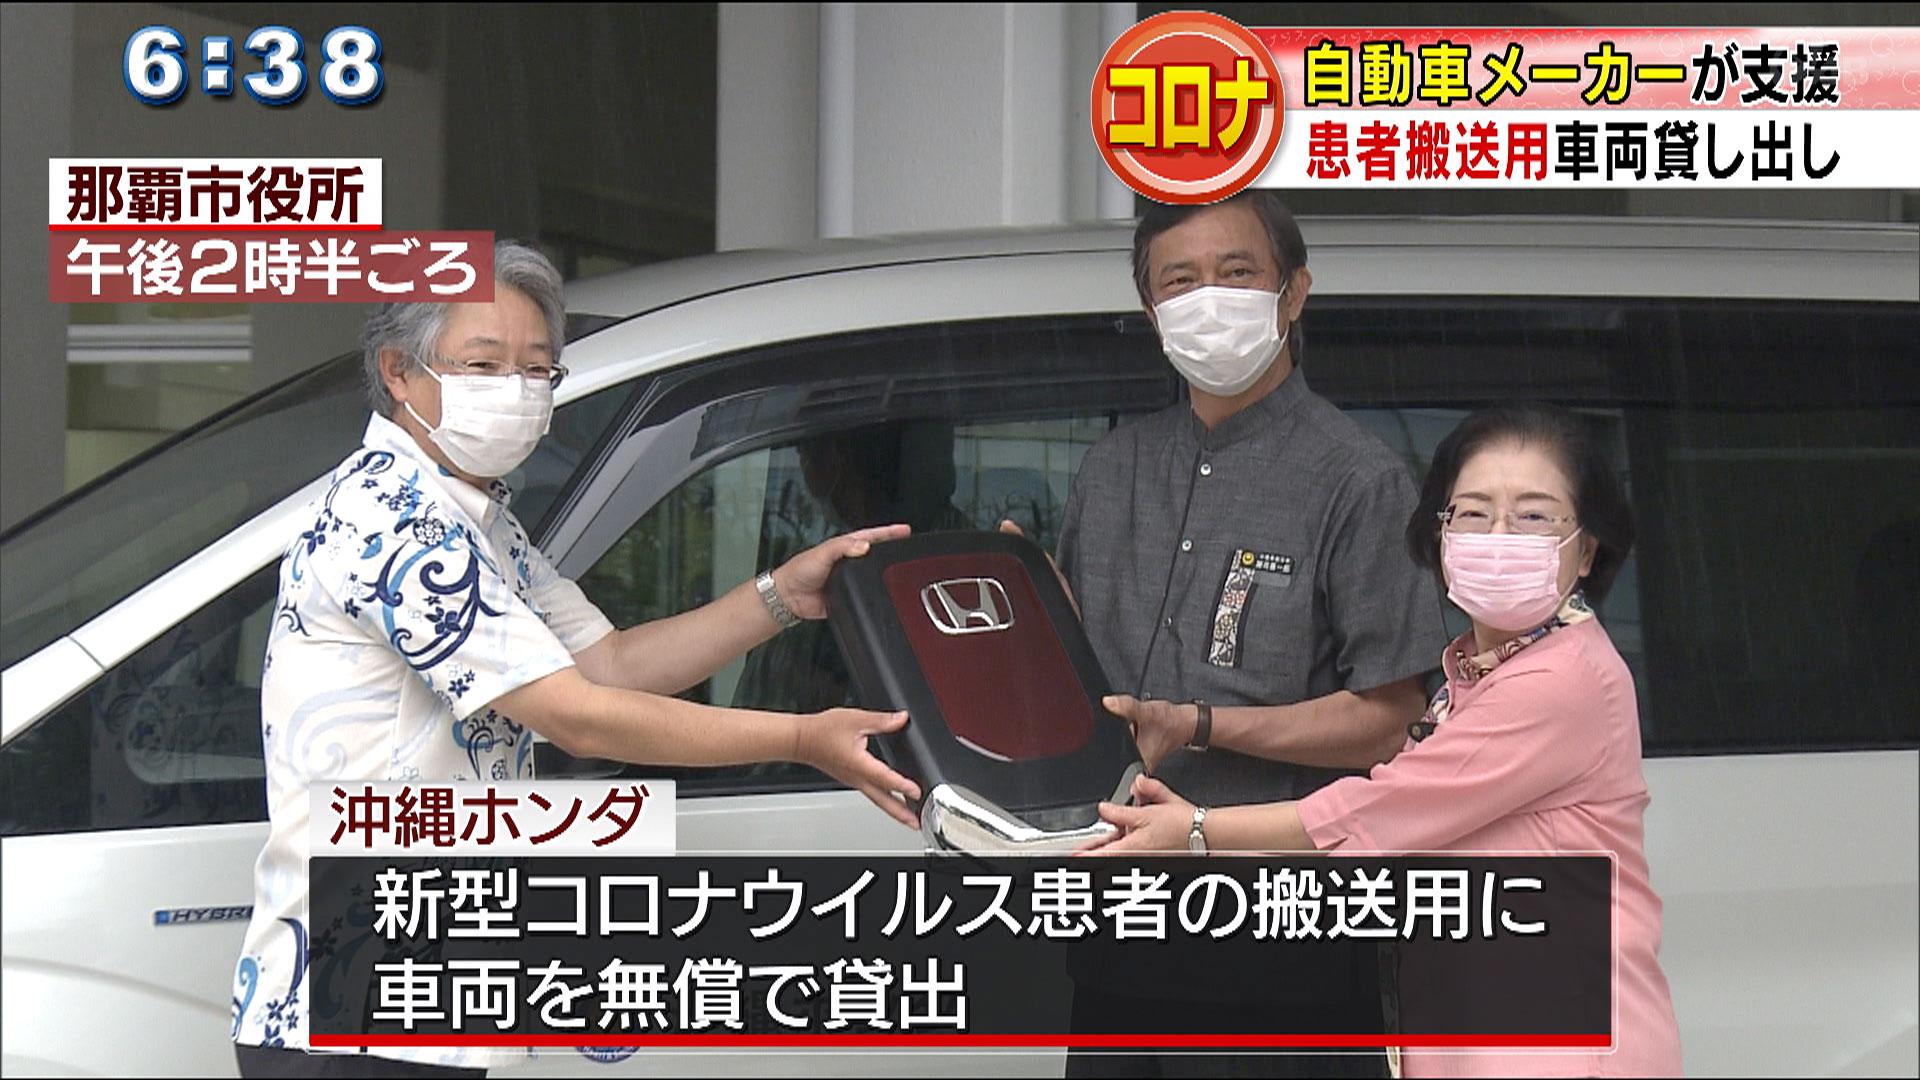 沖縄ホンダが感染者搬送車両を無償で貸し出し